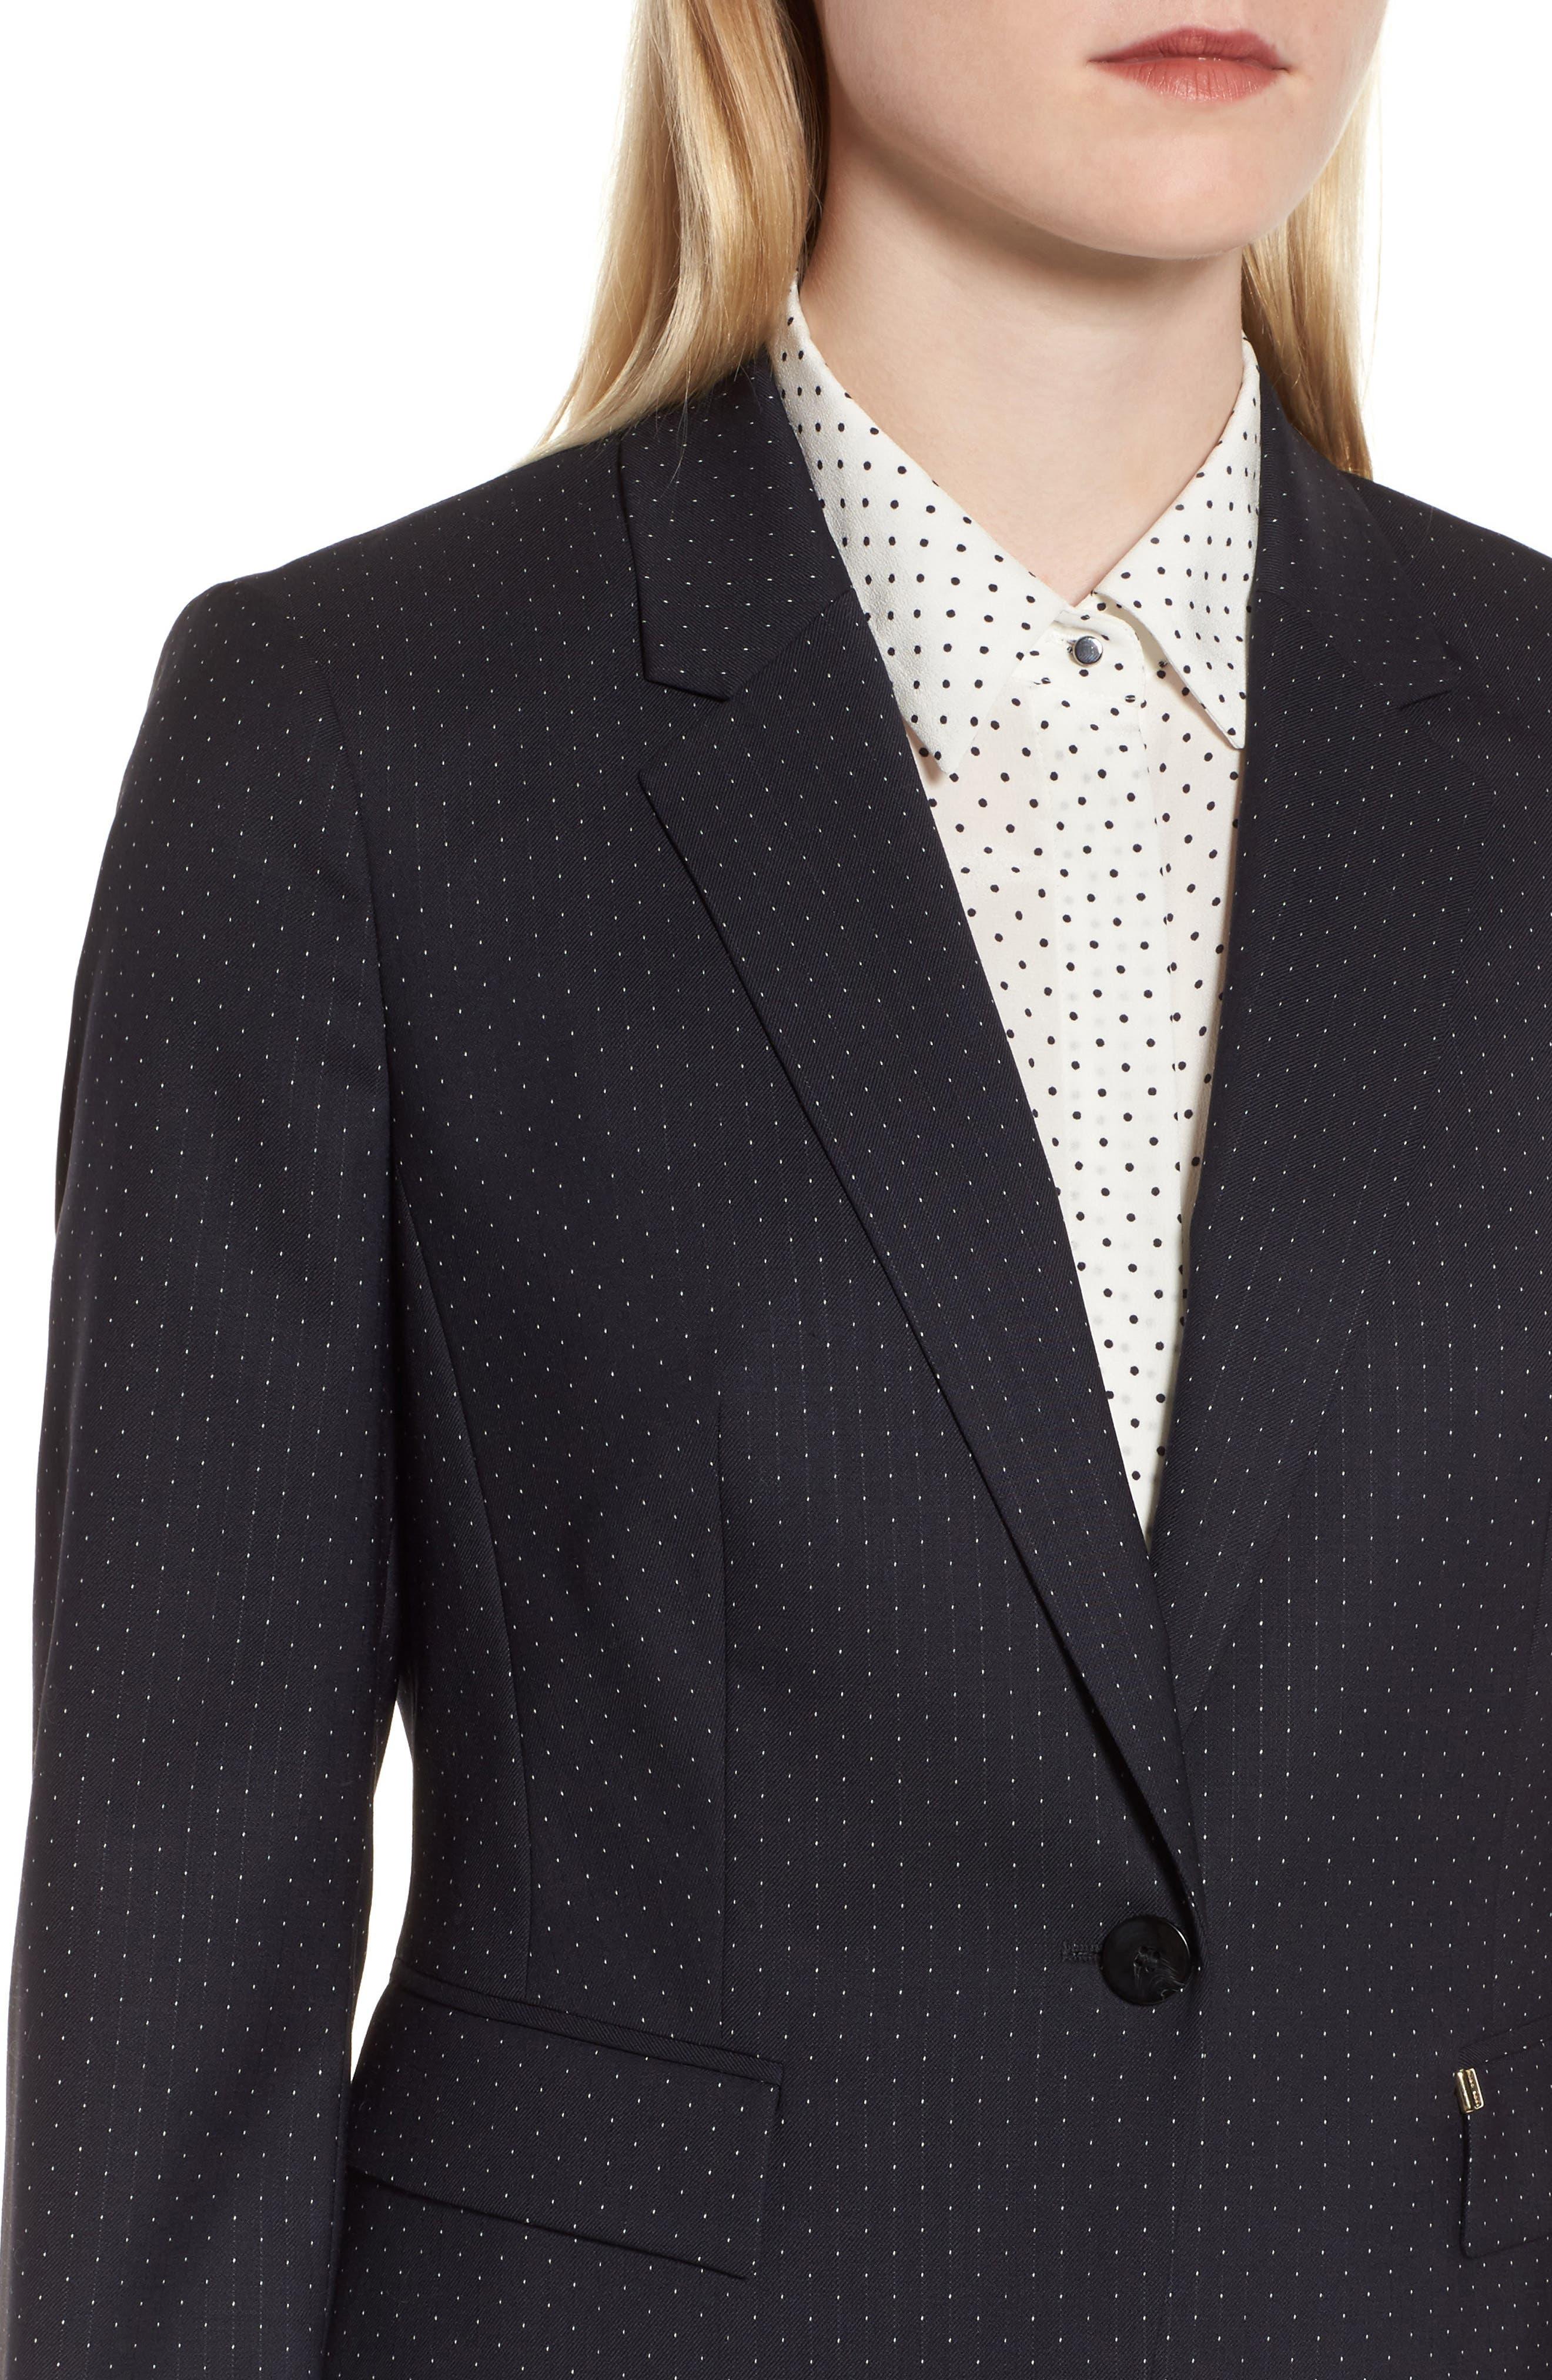 Jinalika Wool Suit Jacket,                             Alternate thumbnail 4, color,